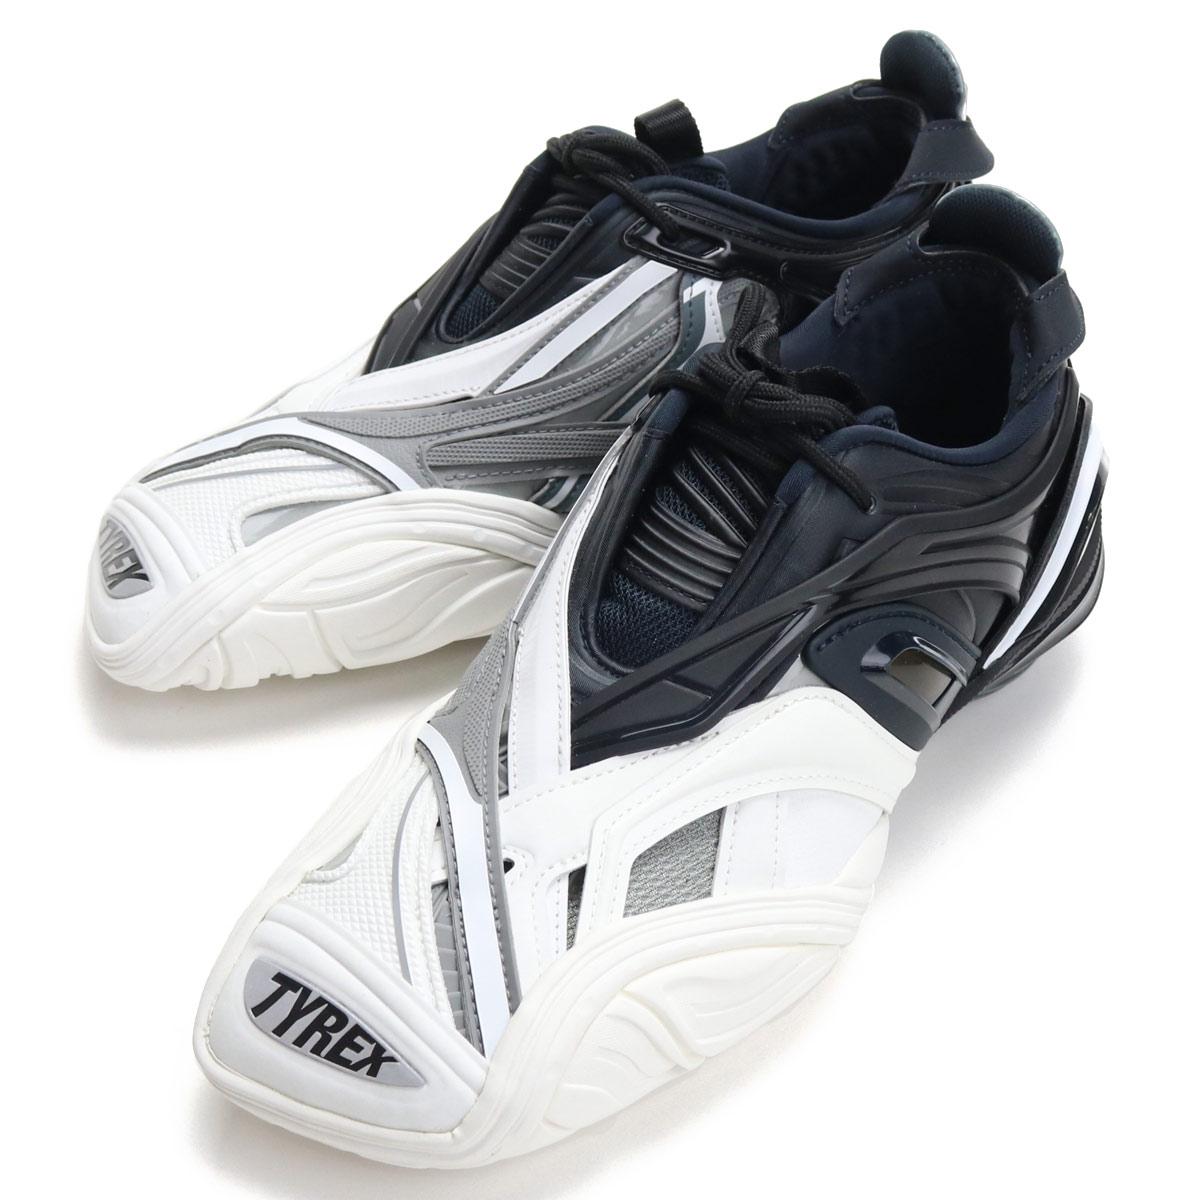 メンズ靴, スニーカー  BALENCIAGA TYREX 617535 W2CB1 1090 bos-09 shoes-01 OLS-6